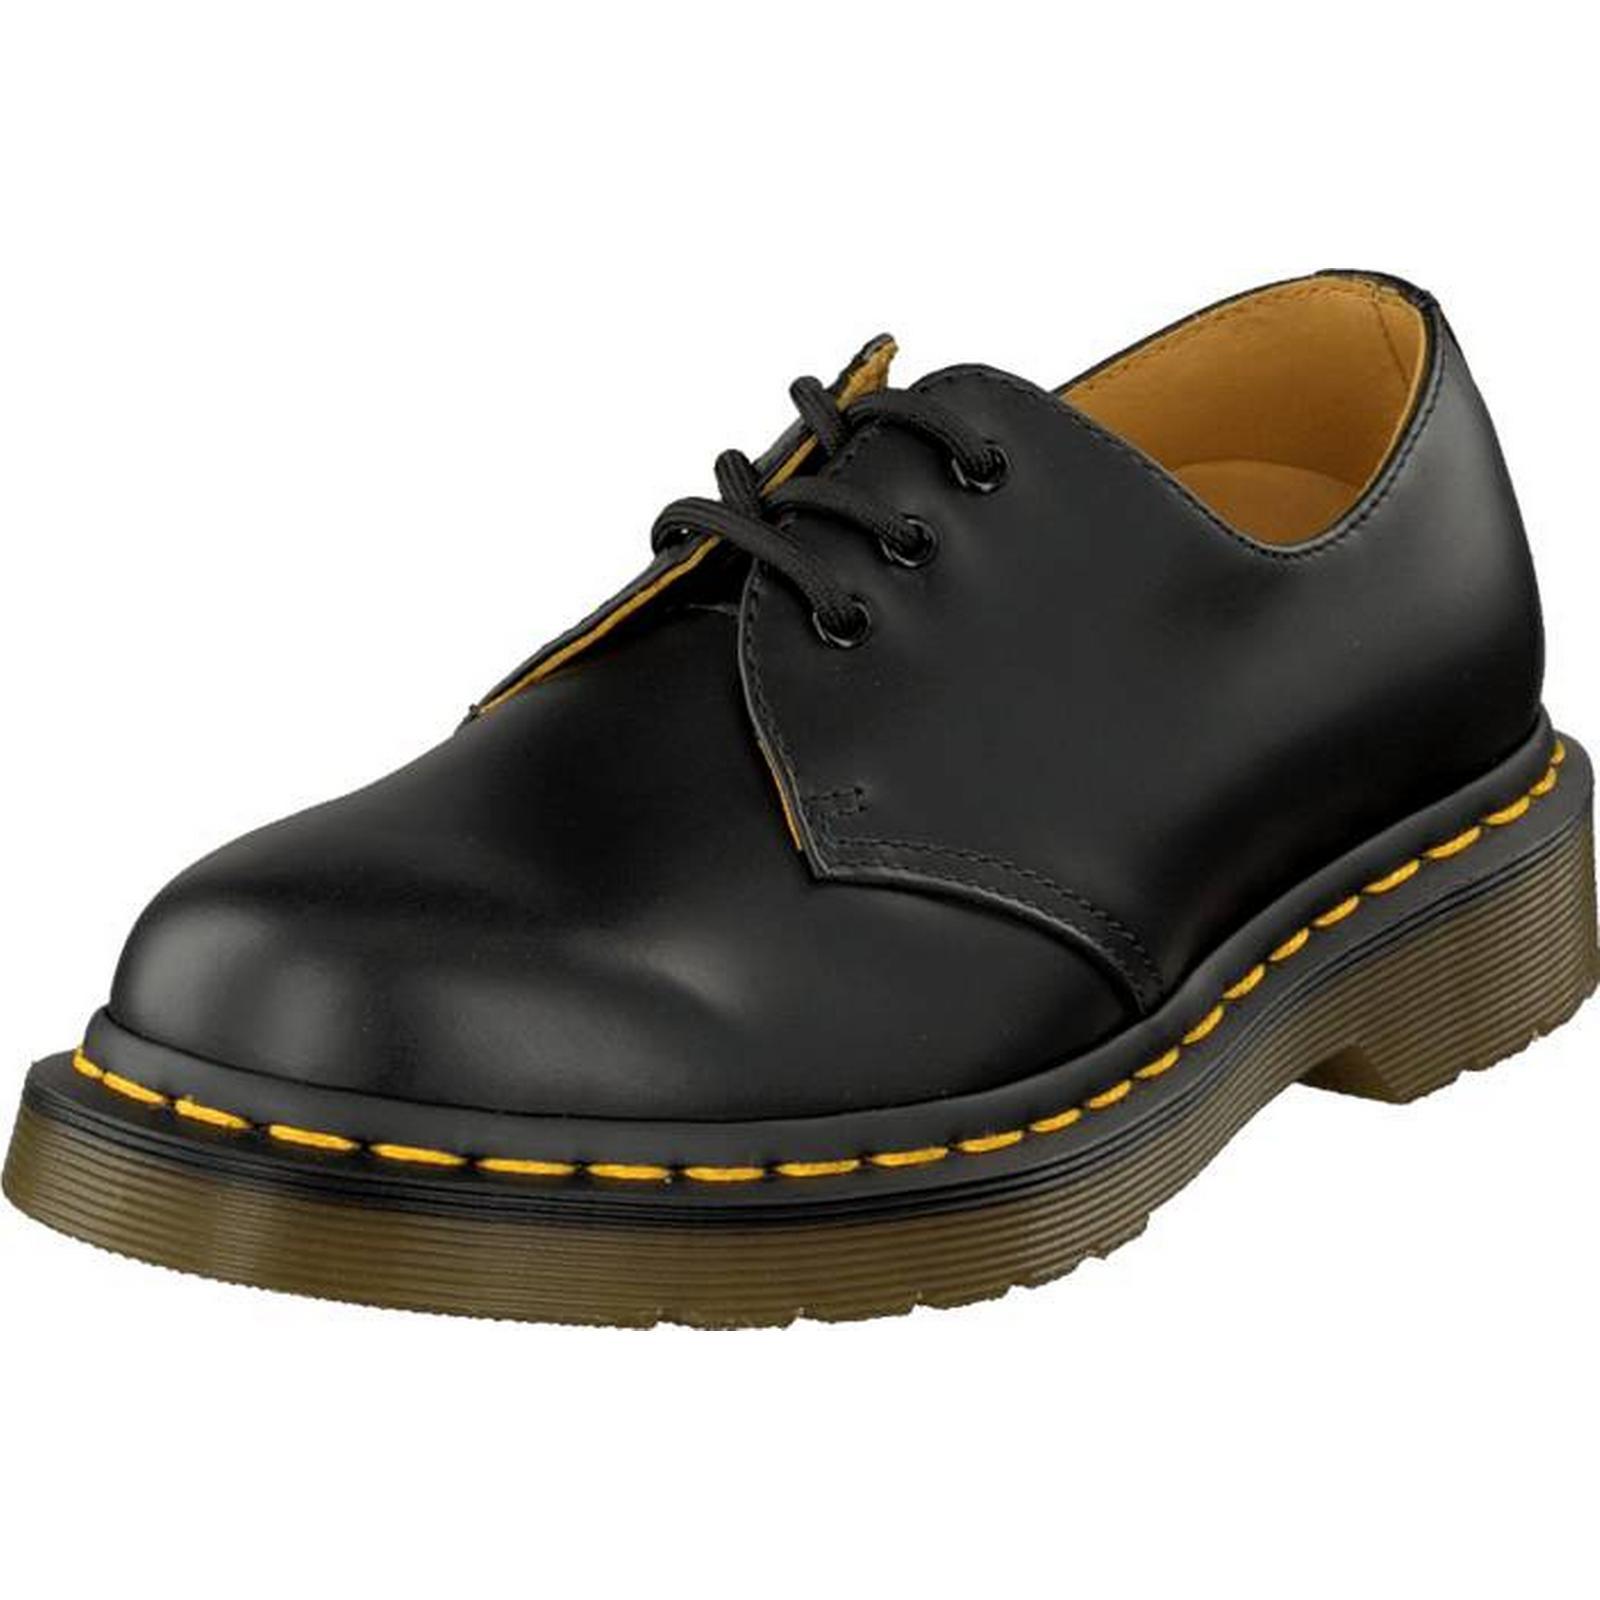 Dr Martens 1461 Z Black, Shoes, Flats, Dress Grey, Shoes, Grey, Dress Unisex, 40 cb9242